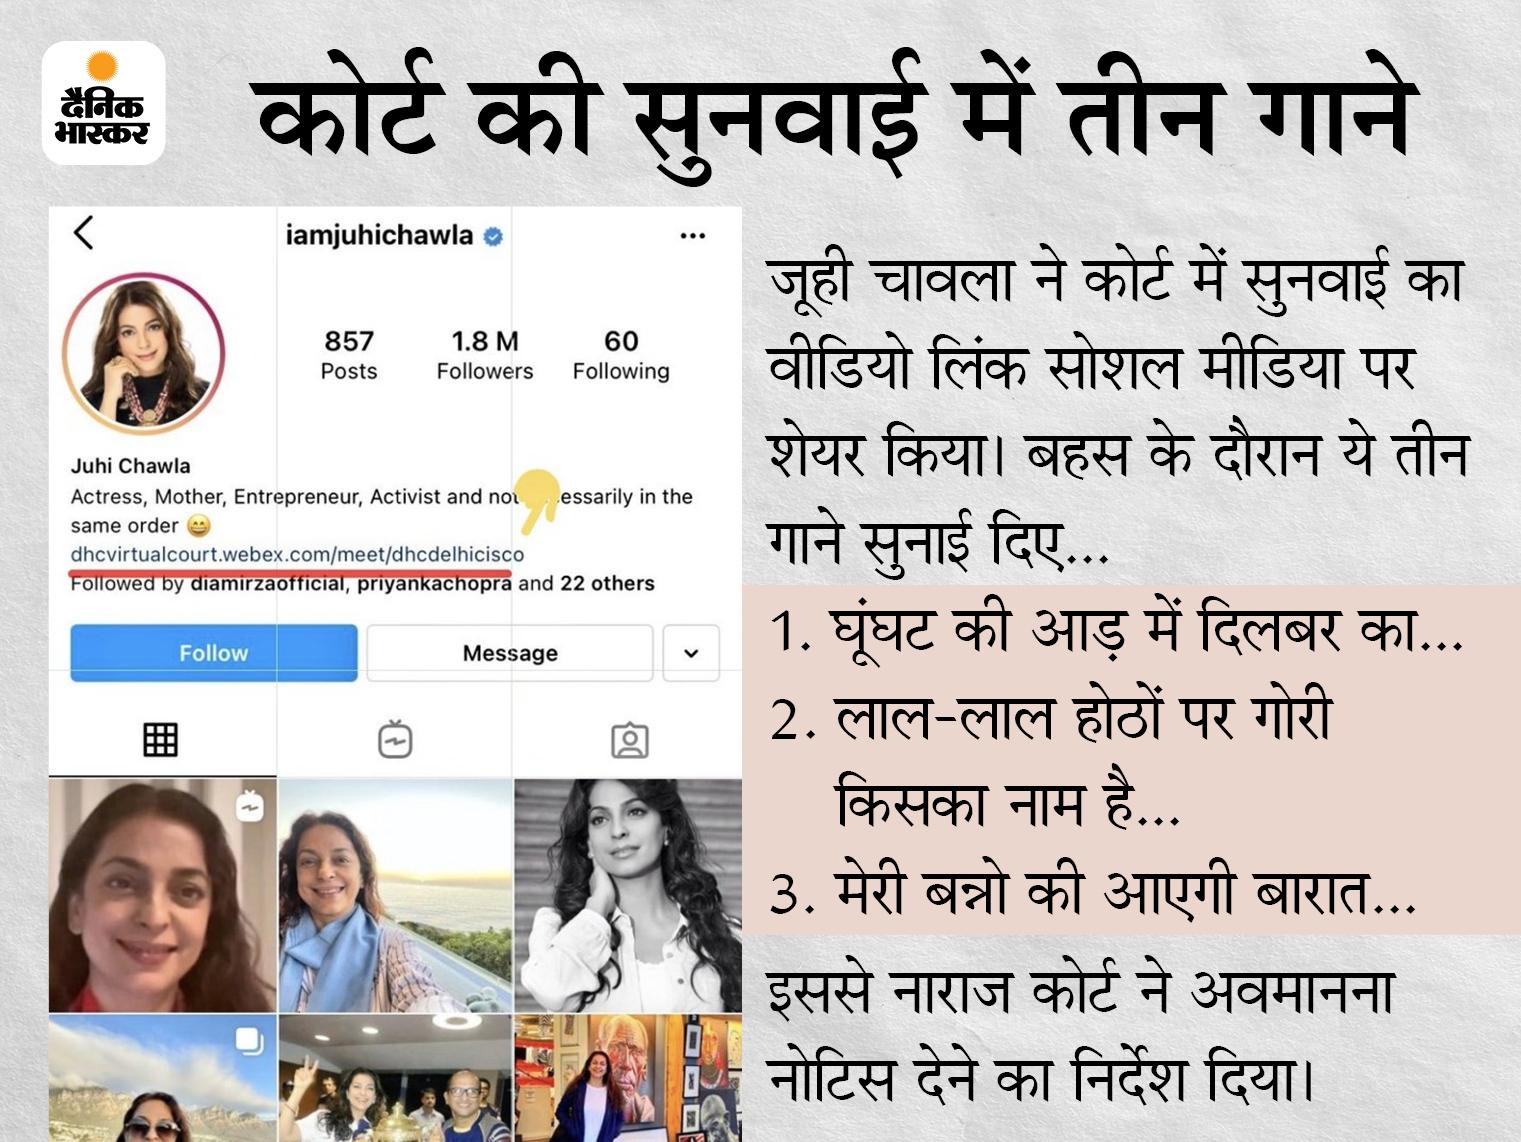 जूही चावला ने 5G पर सुनवाई का वीडियो लिंक शेयर किया, तो एक आदमी ने उनकी फिल्मों के गाने गाए, नाराज कोर्ट ने नोटिस भेजने को कहा|बॉलीवुड,Bollywood - Dainik Bhaskar